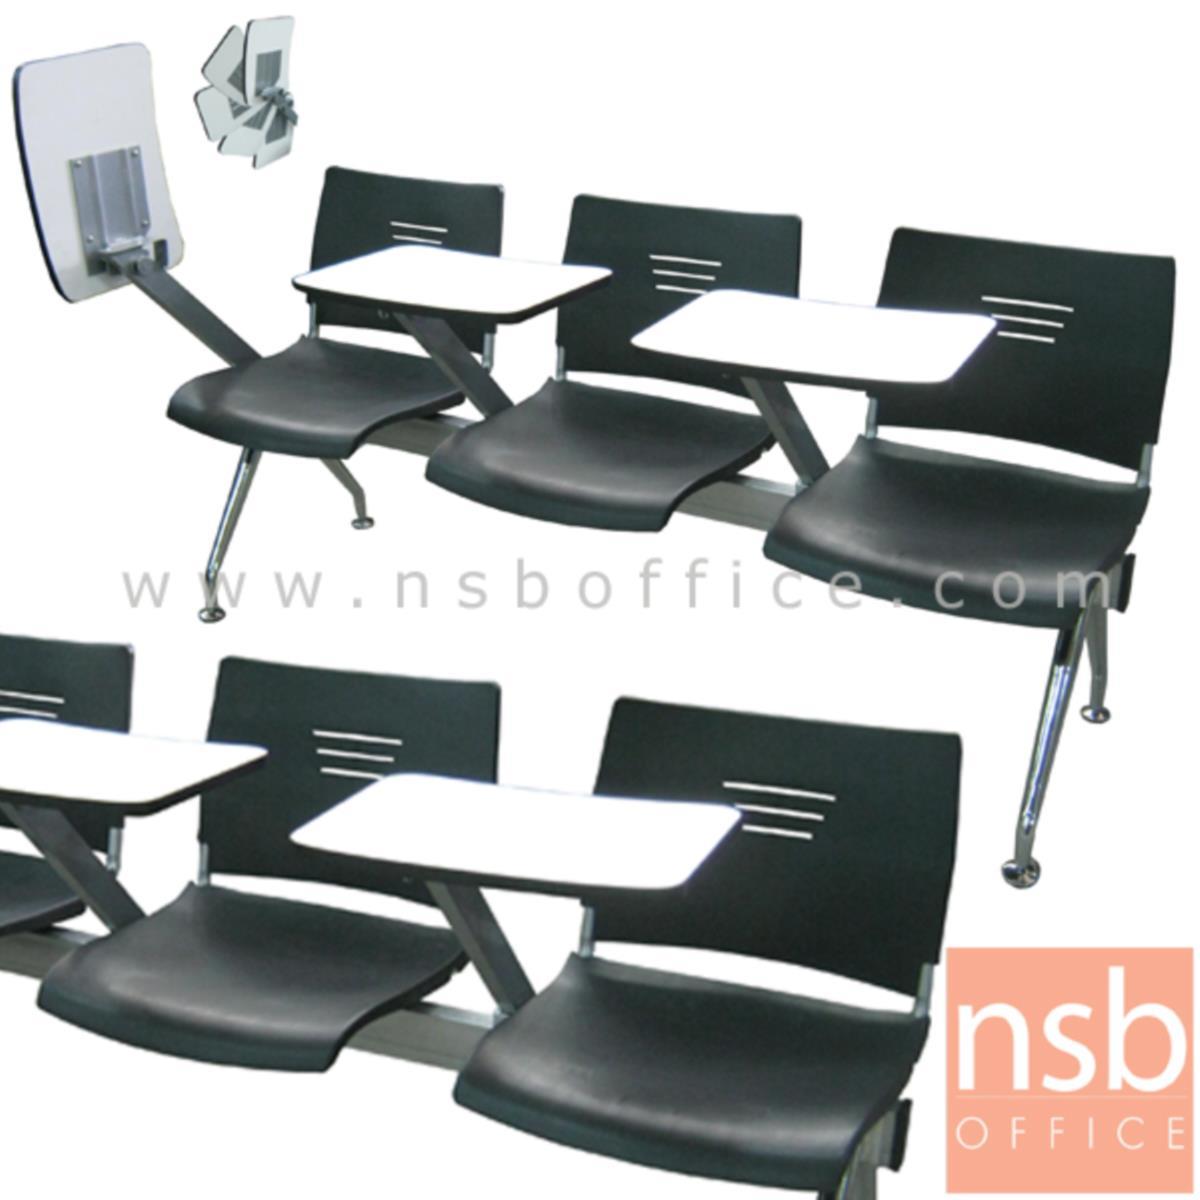 เก้าอี้เลคเชอร์แถวเฟรมโพลี่ รุ่น Welker (เวลเกอร์) 2 ,3 และ 4 ที่นั่ง ขาเหล็กชุบโครเมี่ยม